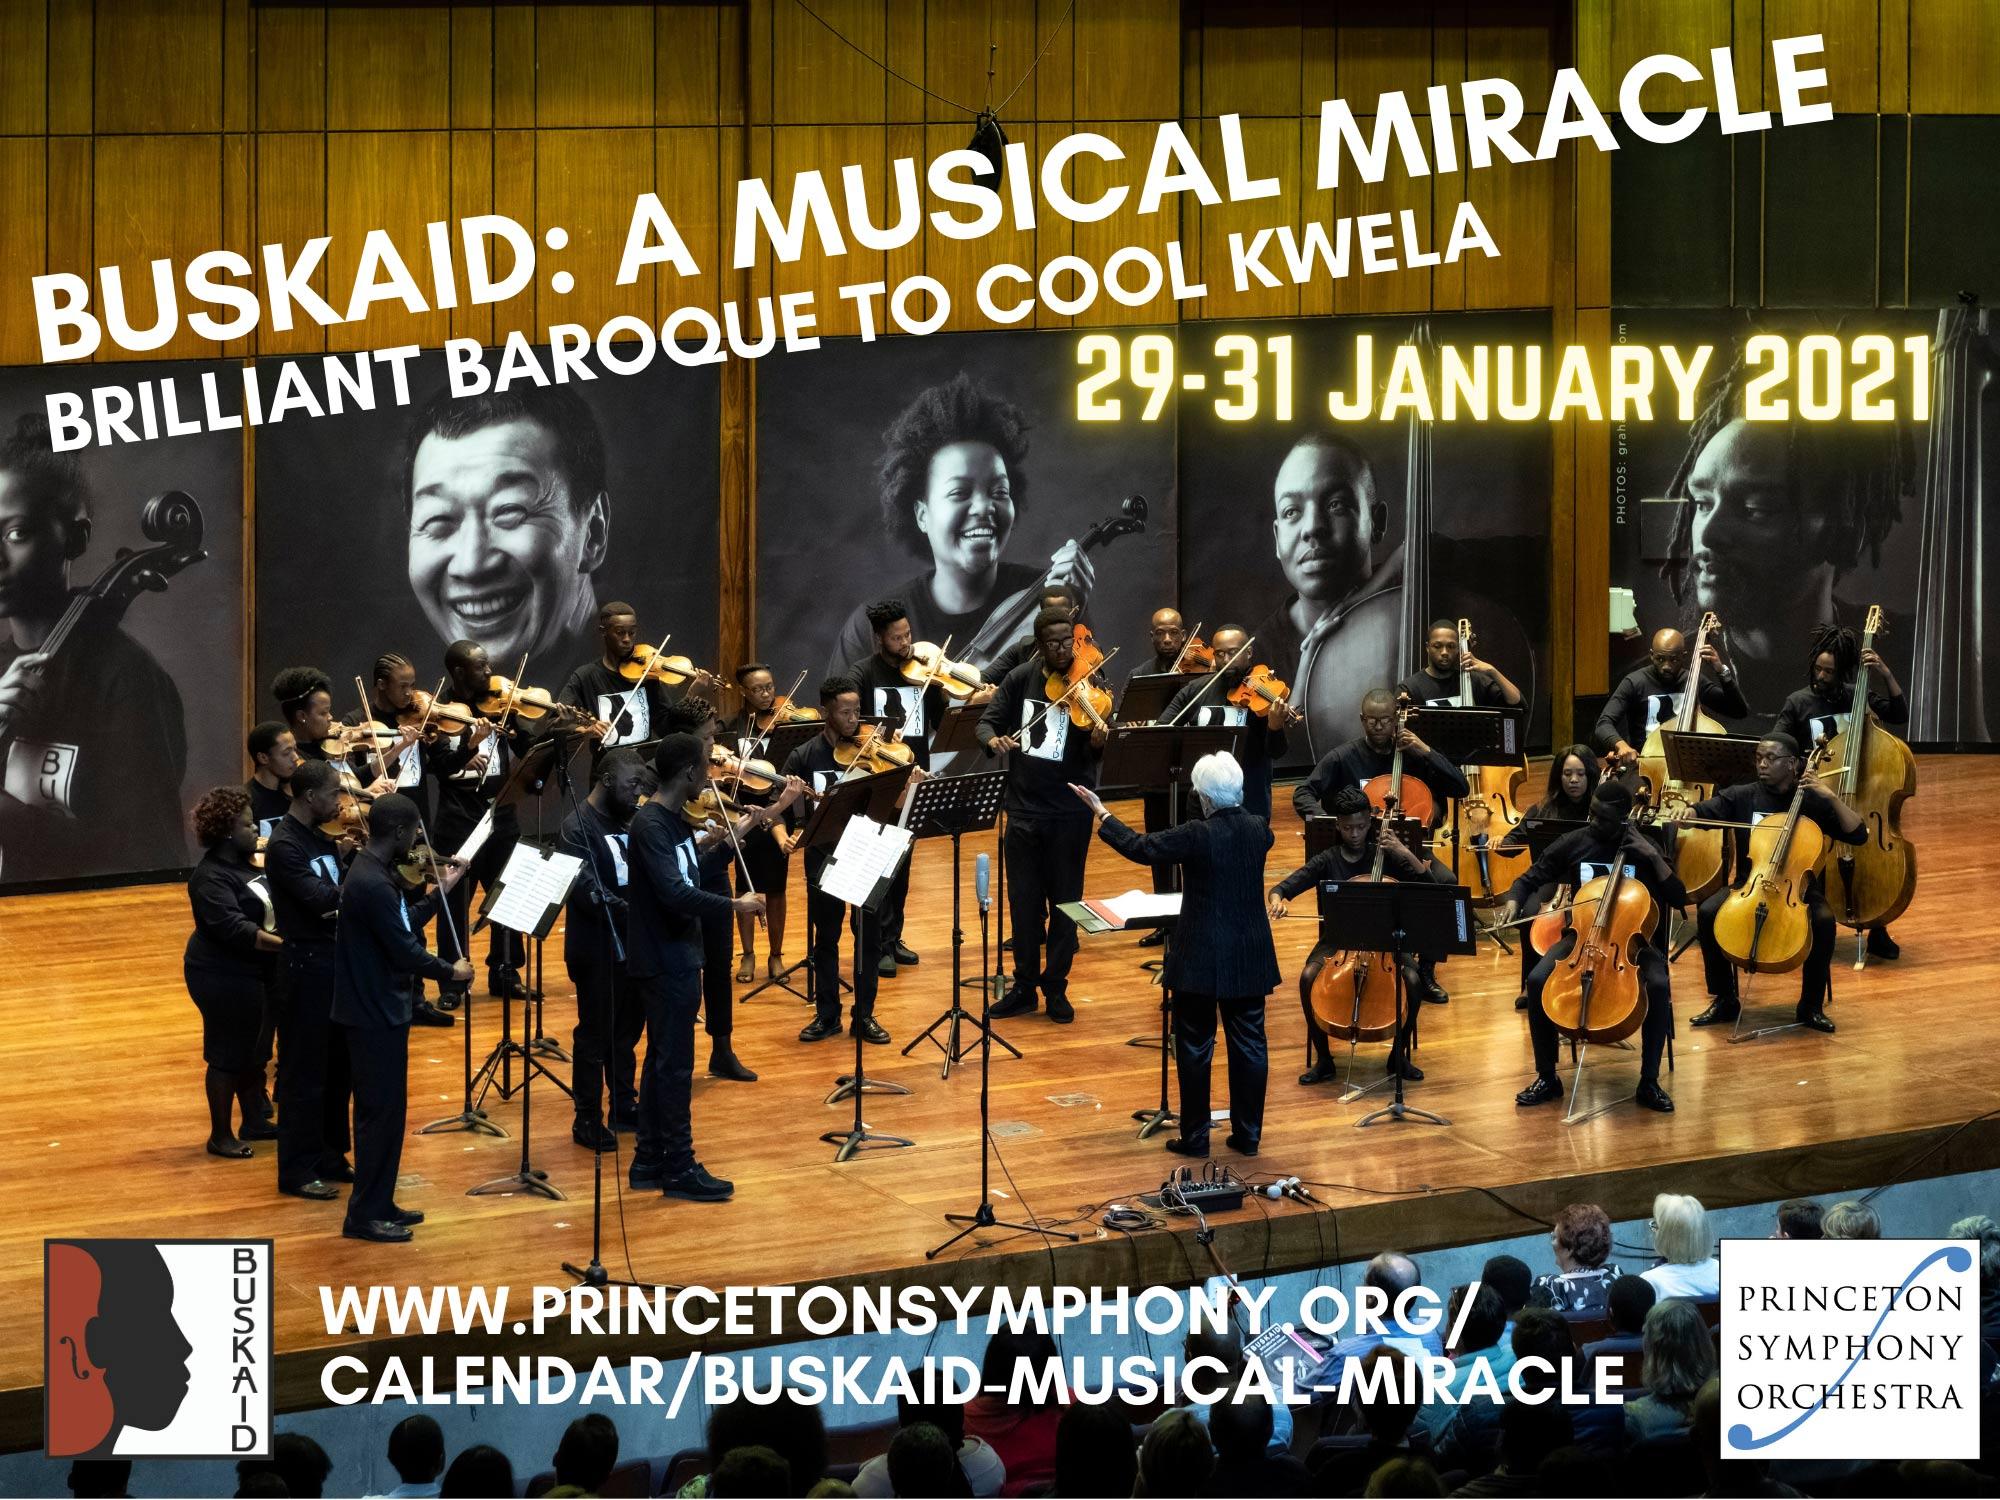 Buskaid - a musical miracle